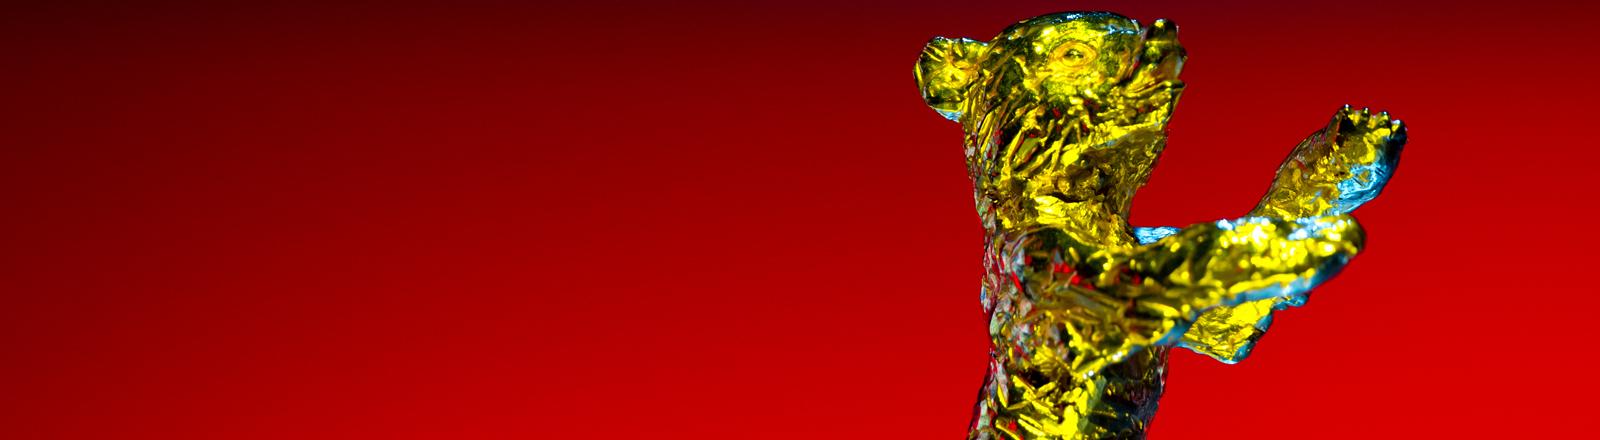 Das Maskottchen der Berlinale: der goldene Bär.